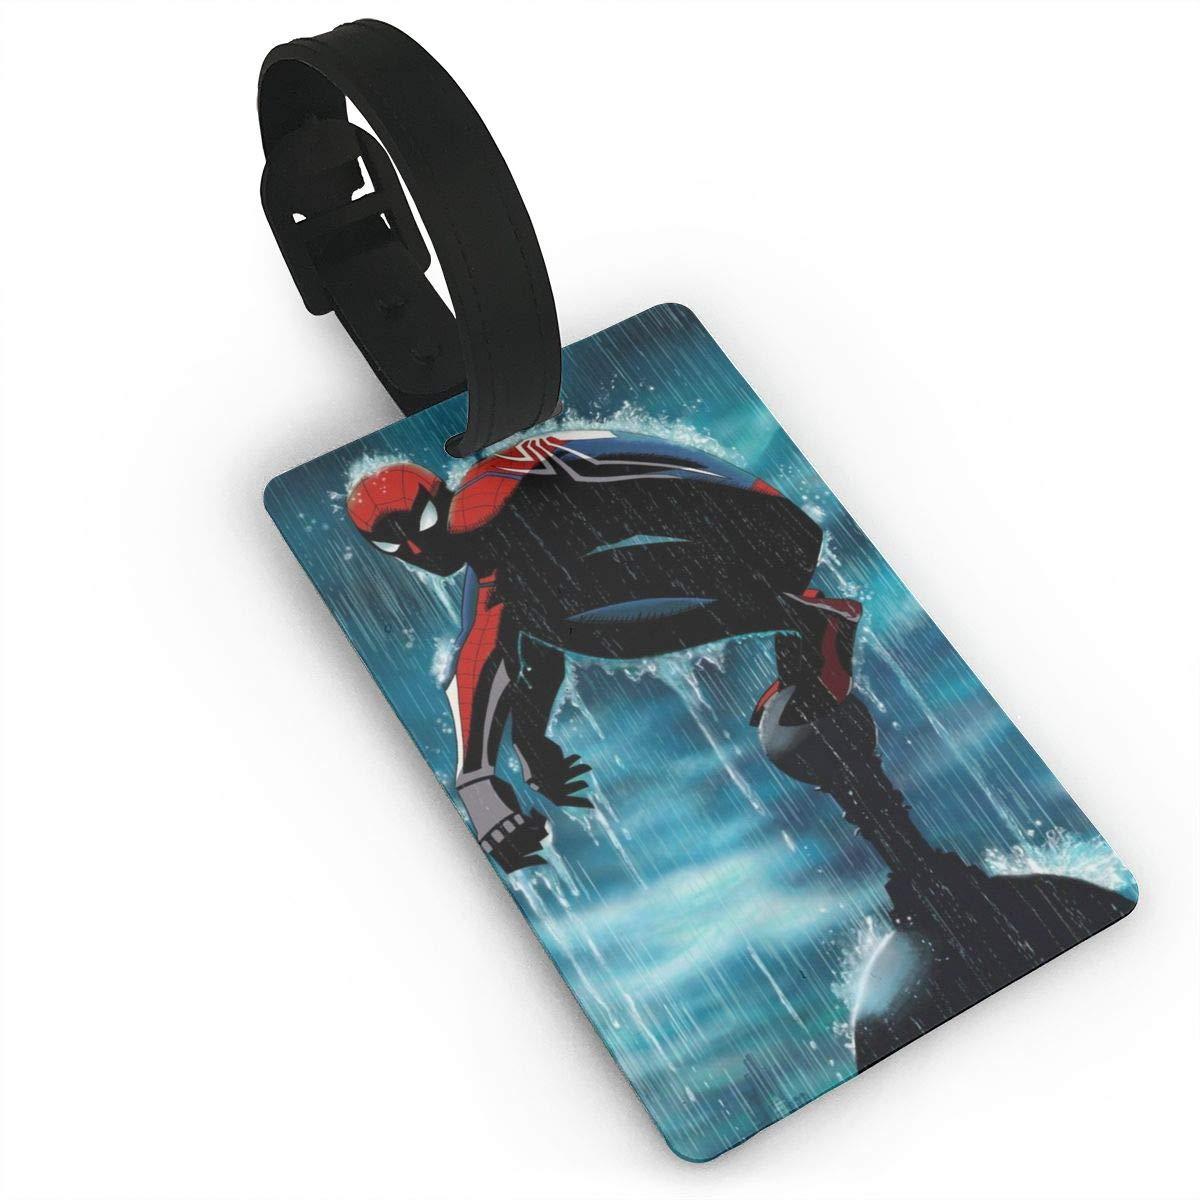 SWDFFG 荷物IDタグ - スタイリッシュな雨の中のスパイダーマン プリント PVC スーツケース バッグ ラベル トラベルアクセサリー B07MJ5D396